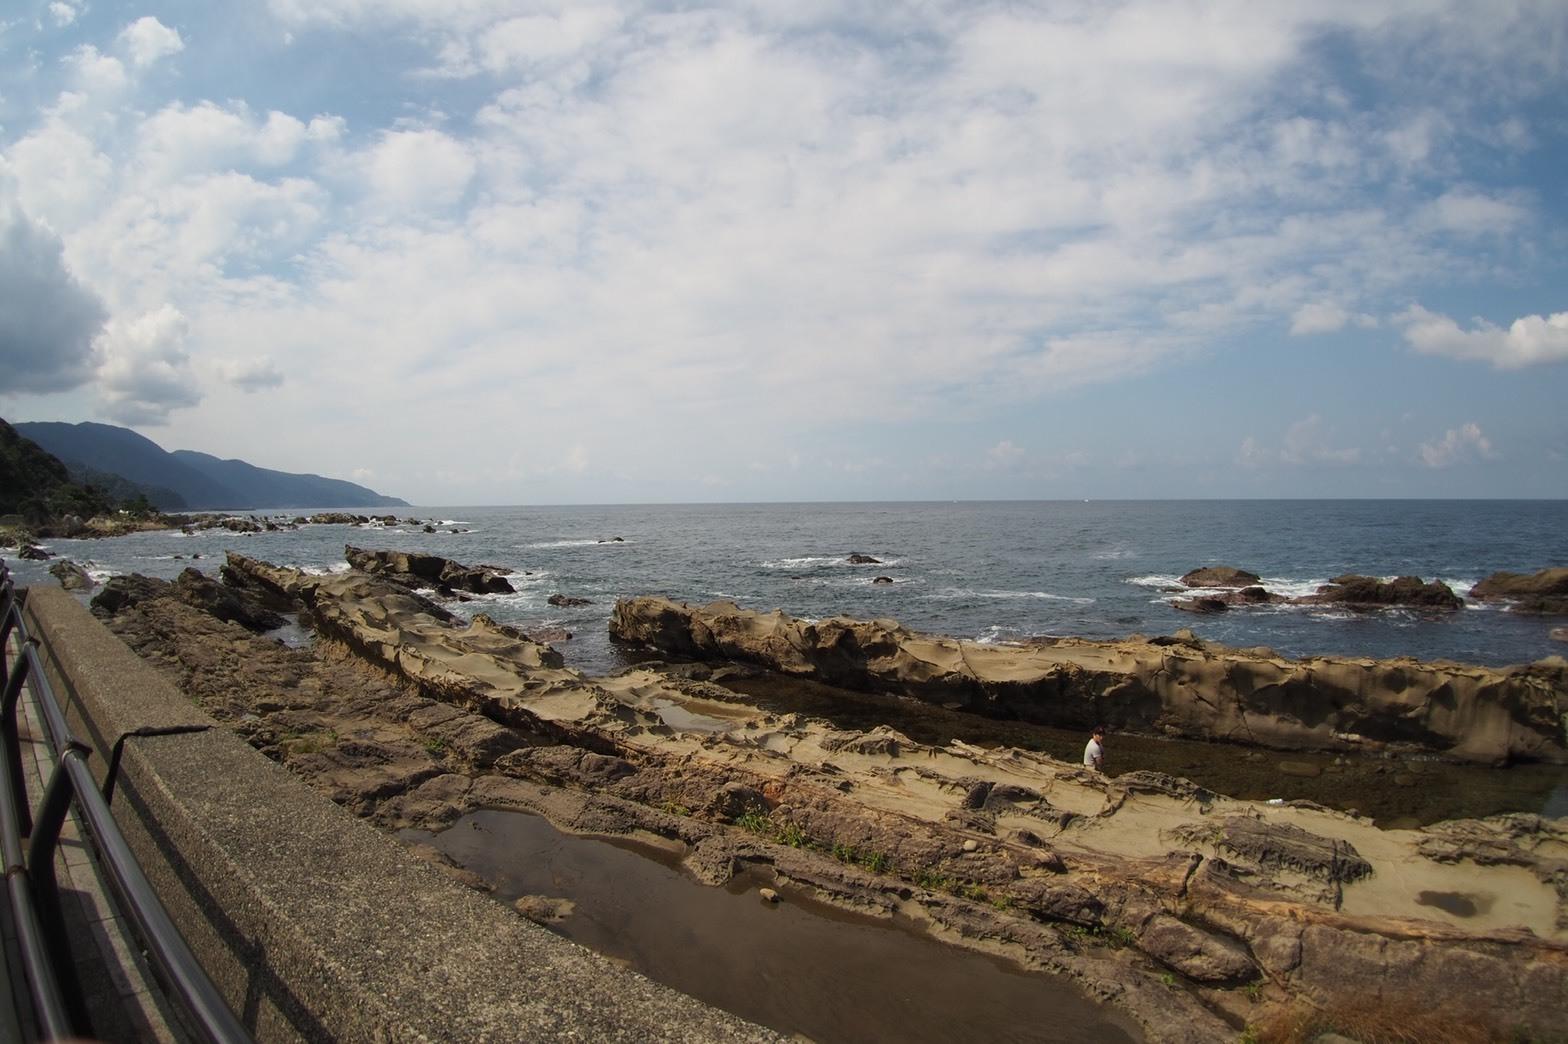 ぴーきちハーレーブログ 福井金沢ツーリング 弁慶の洗濯岩